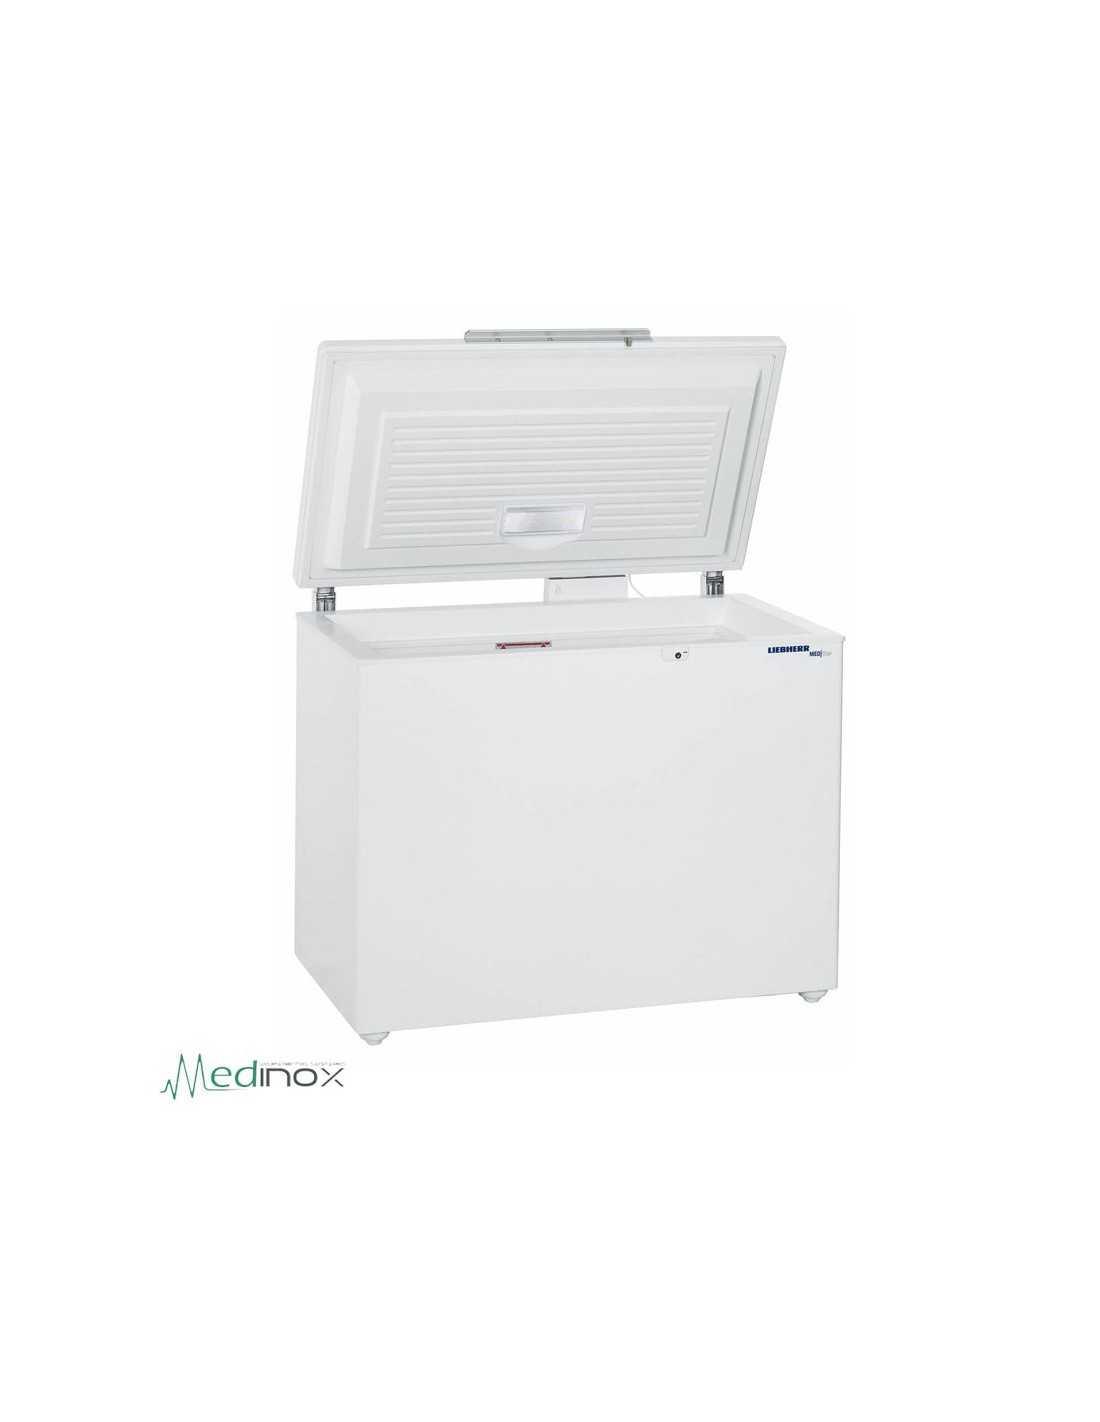 Arcon congelador laboratorio fllgt2325 peque o temperatura - Arcon congelador pequeno ...